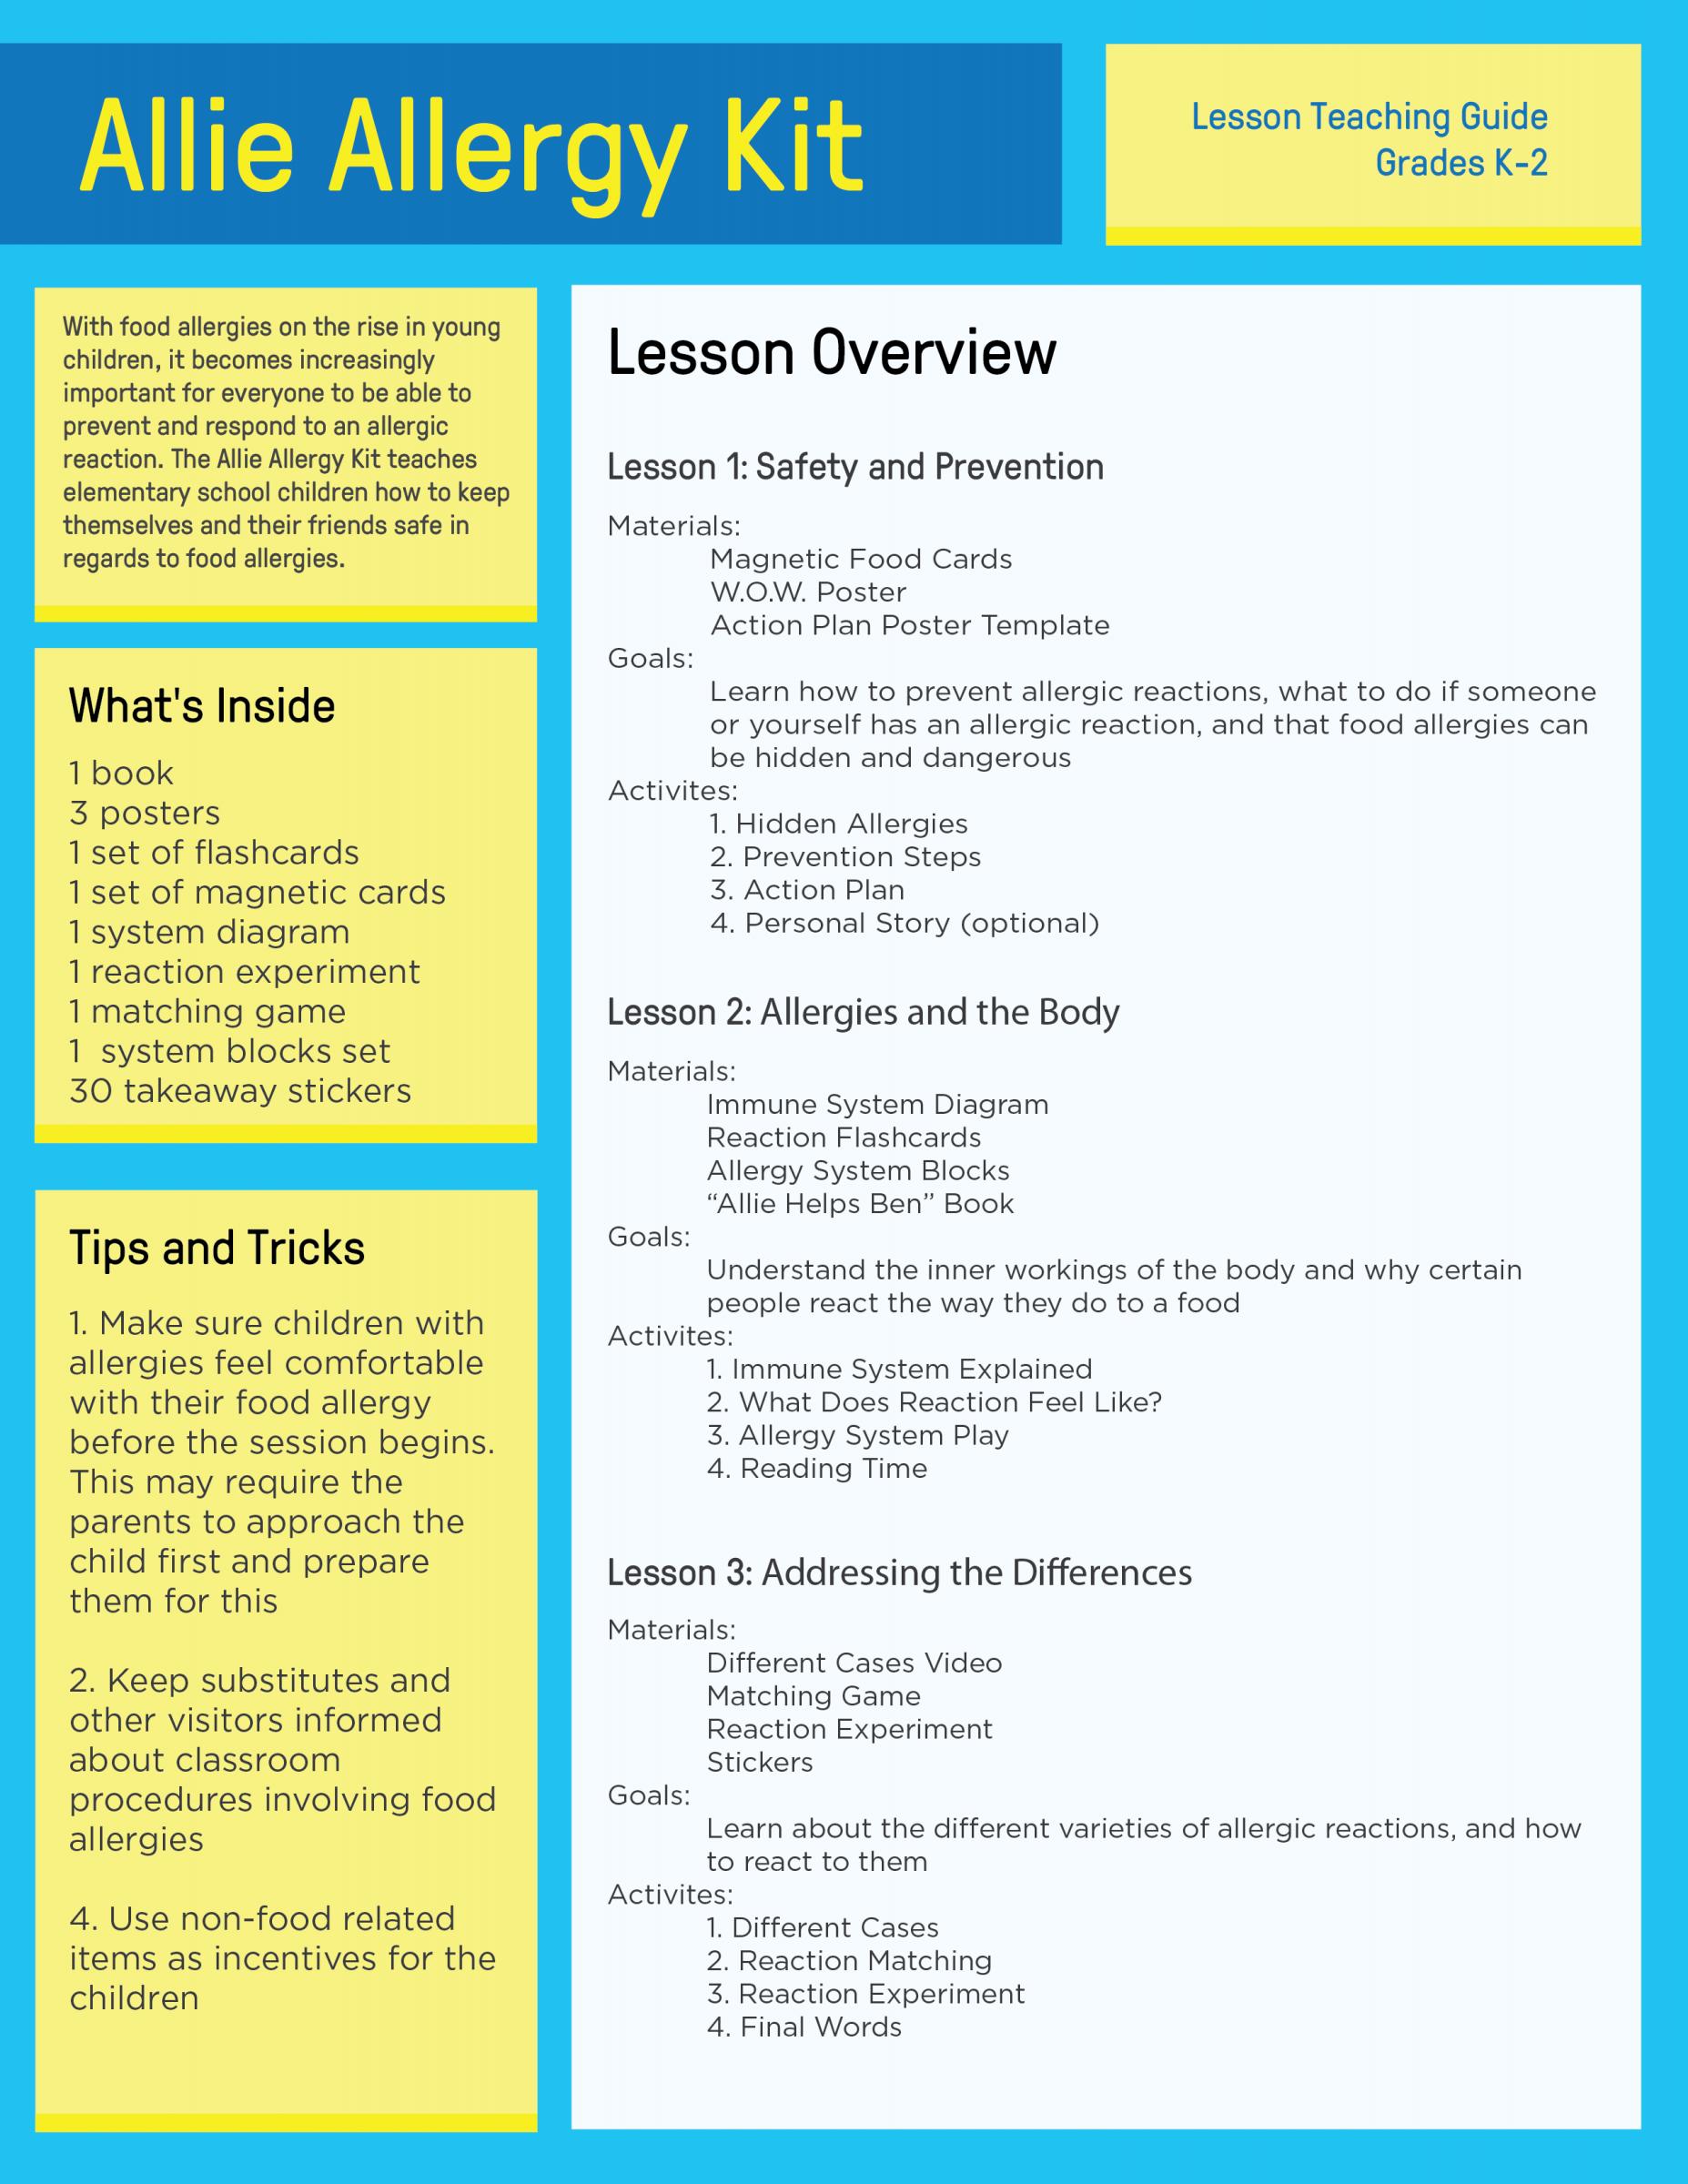 Instructions for Teacher